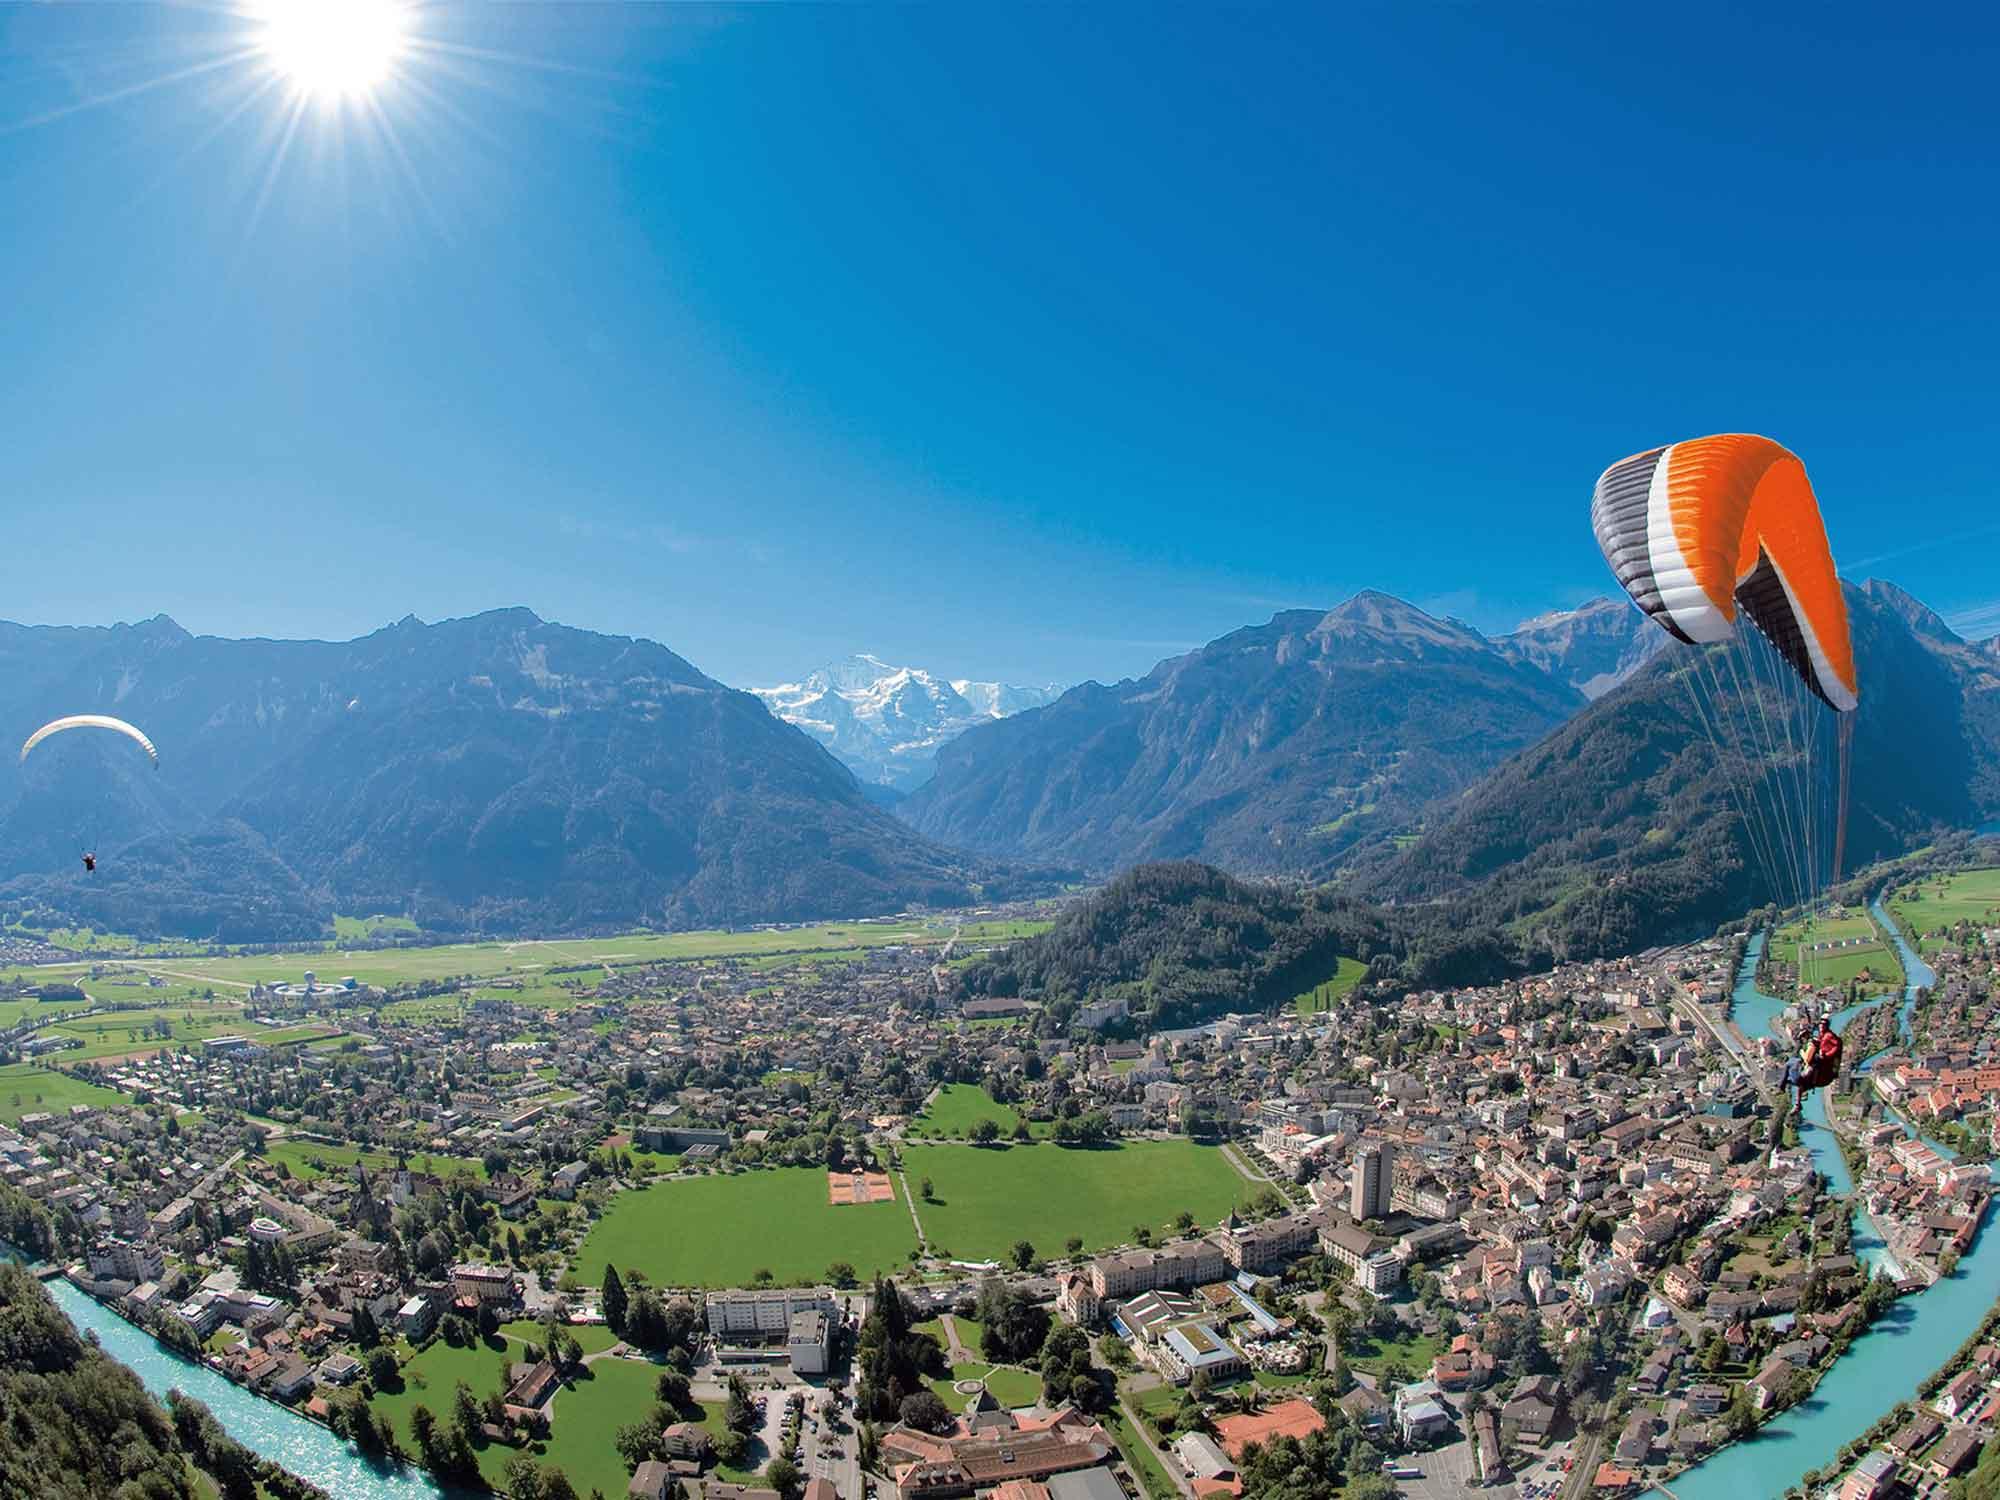 Paragliding in Interlaken